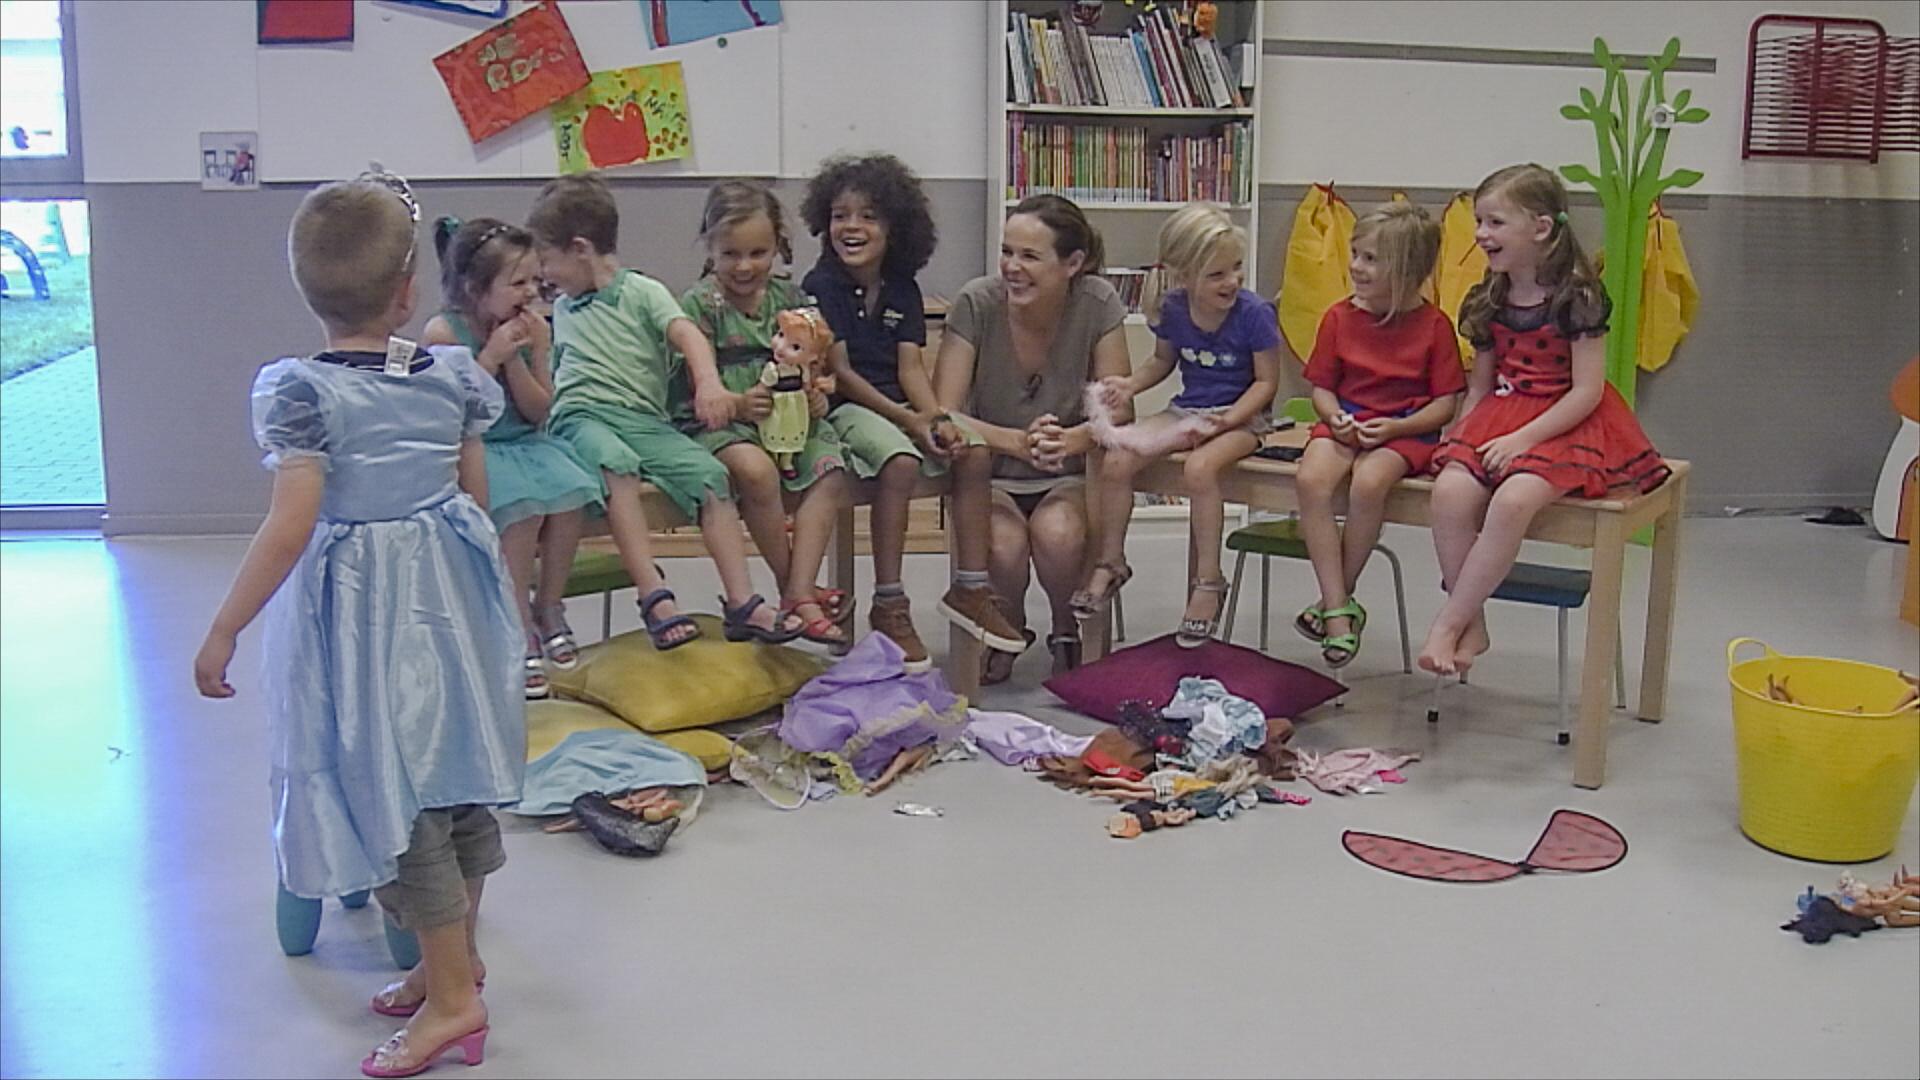 De kleuters in het geheime leven van 5 jarigen ontdekken de verschillen tussen jongens en - Set van jongens en meisjes ...